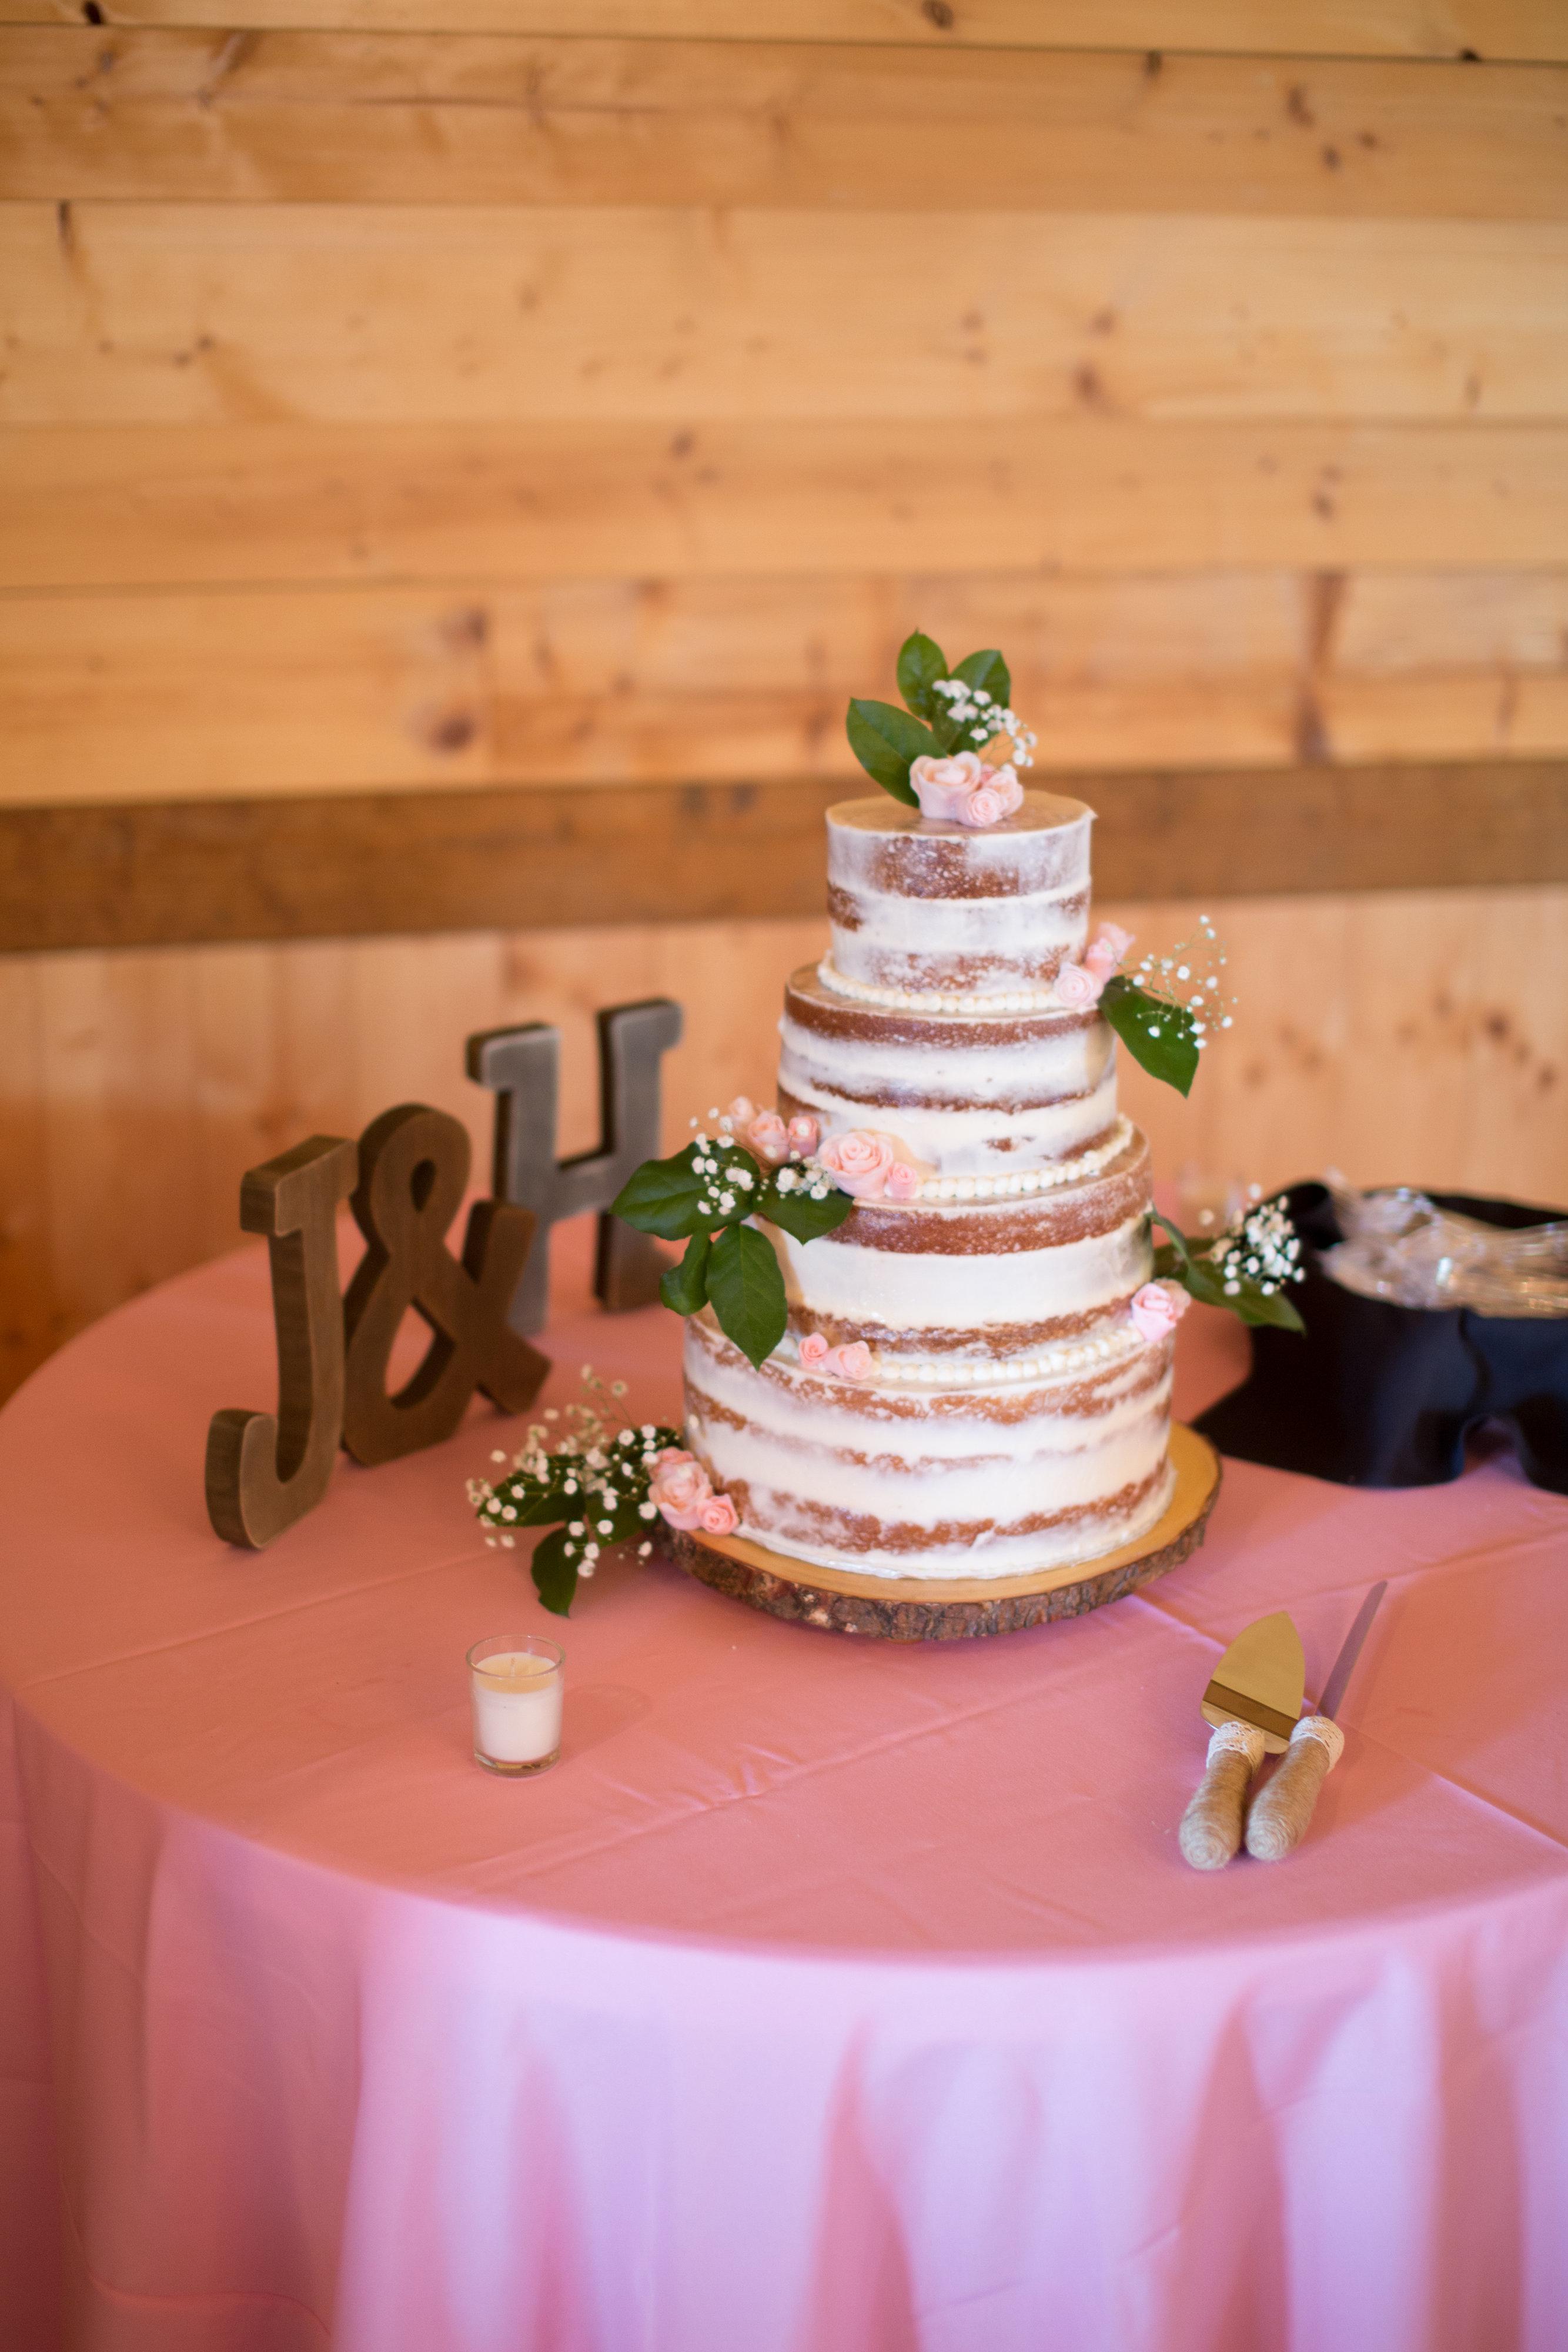 Jake Short Photography 2 Cofer Wedding-Details-0027